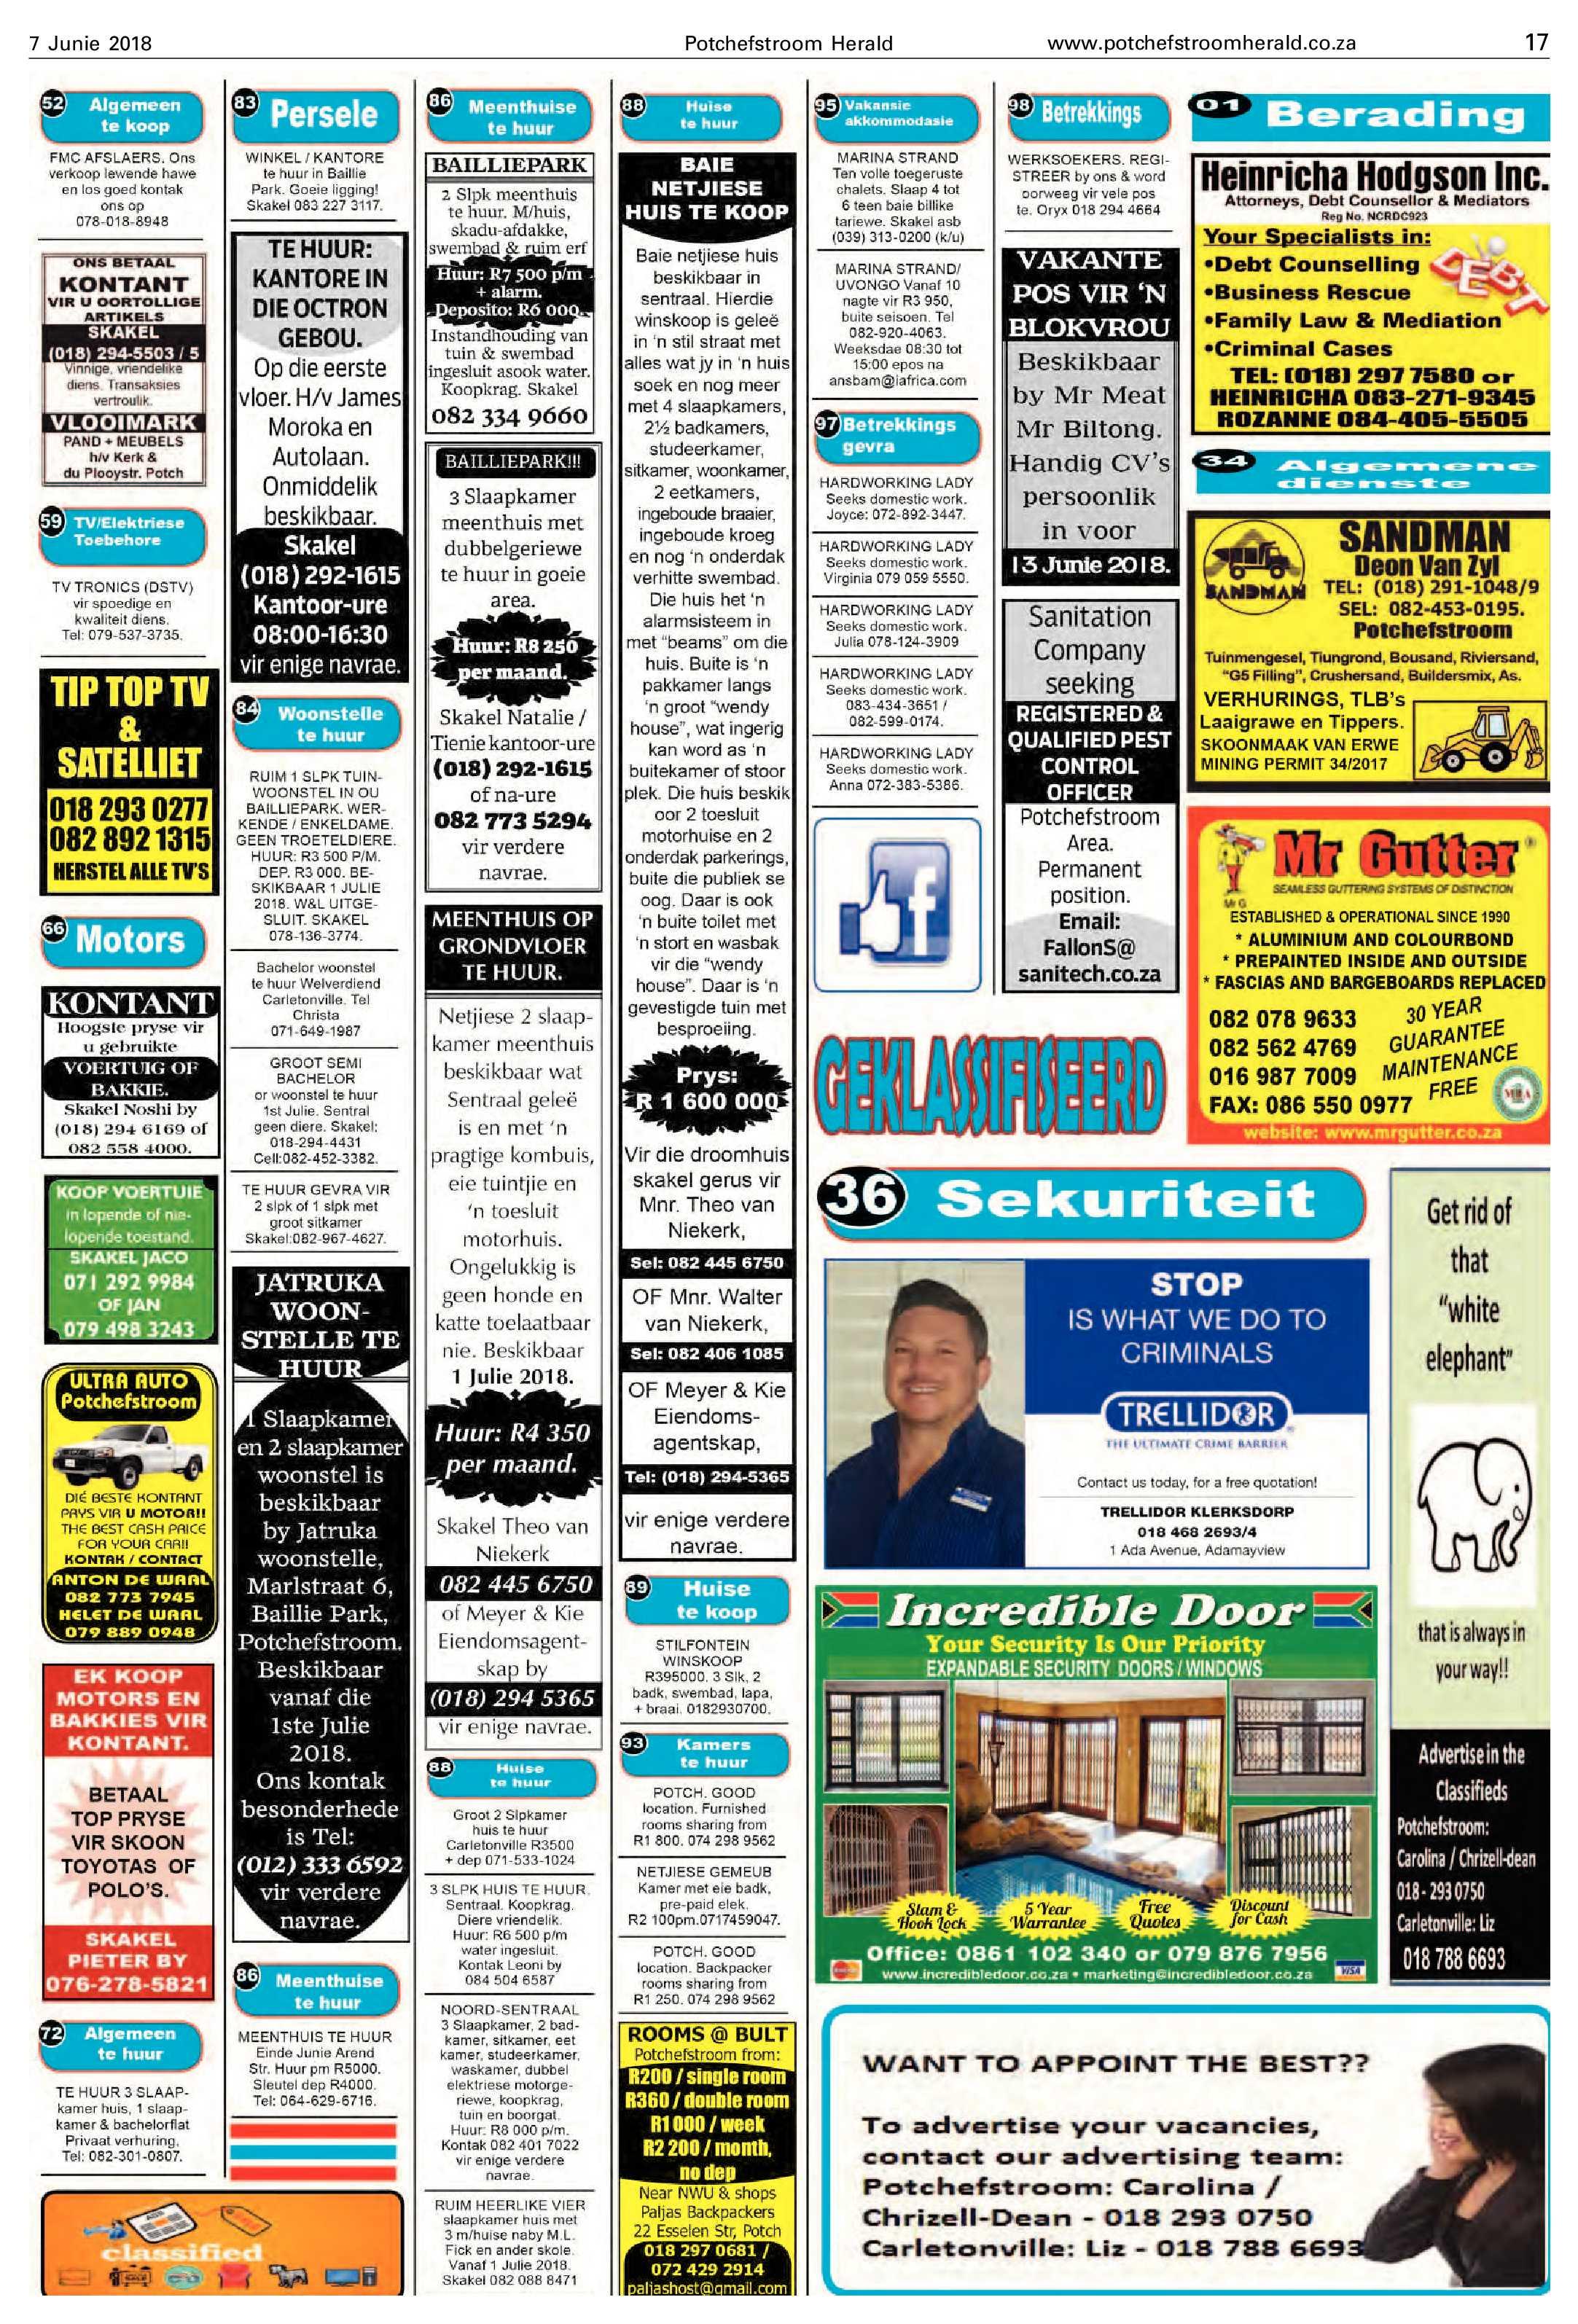 7-junie-2018-epapers-page-17